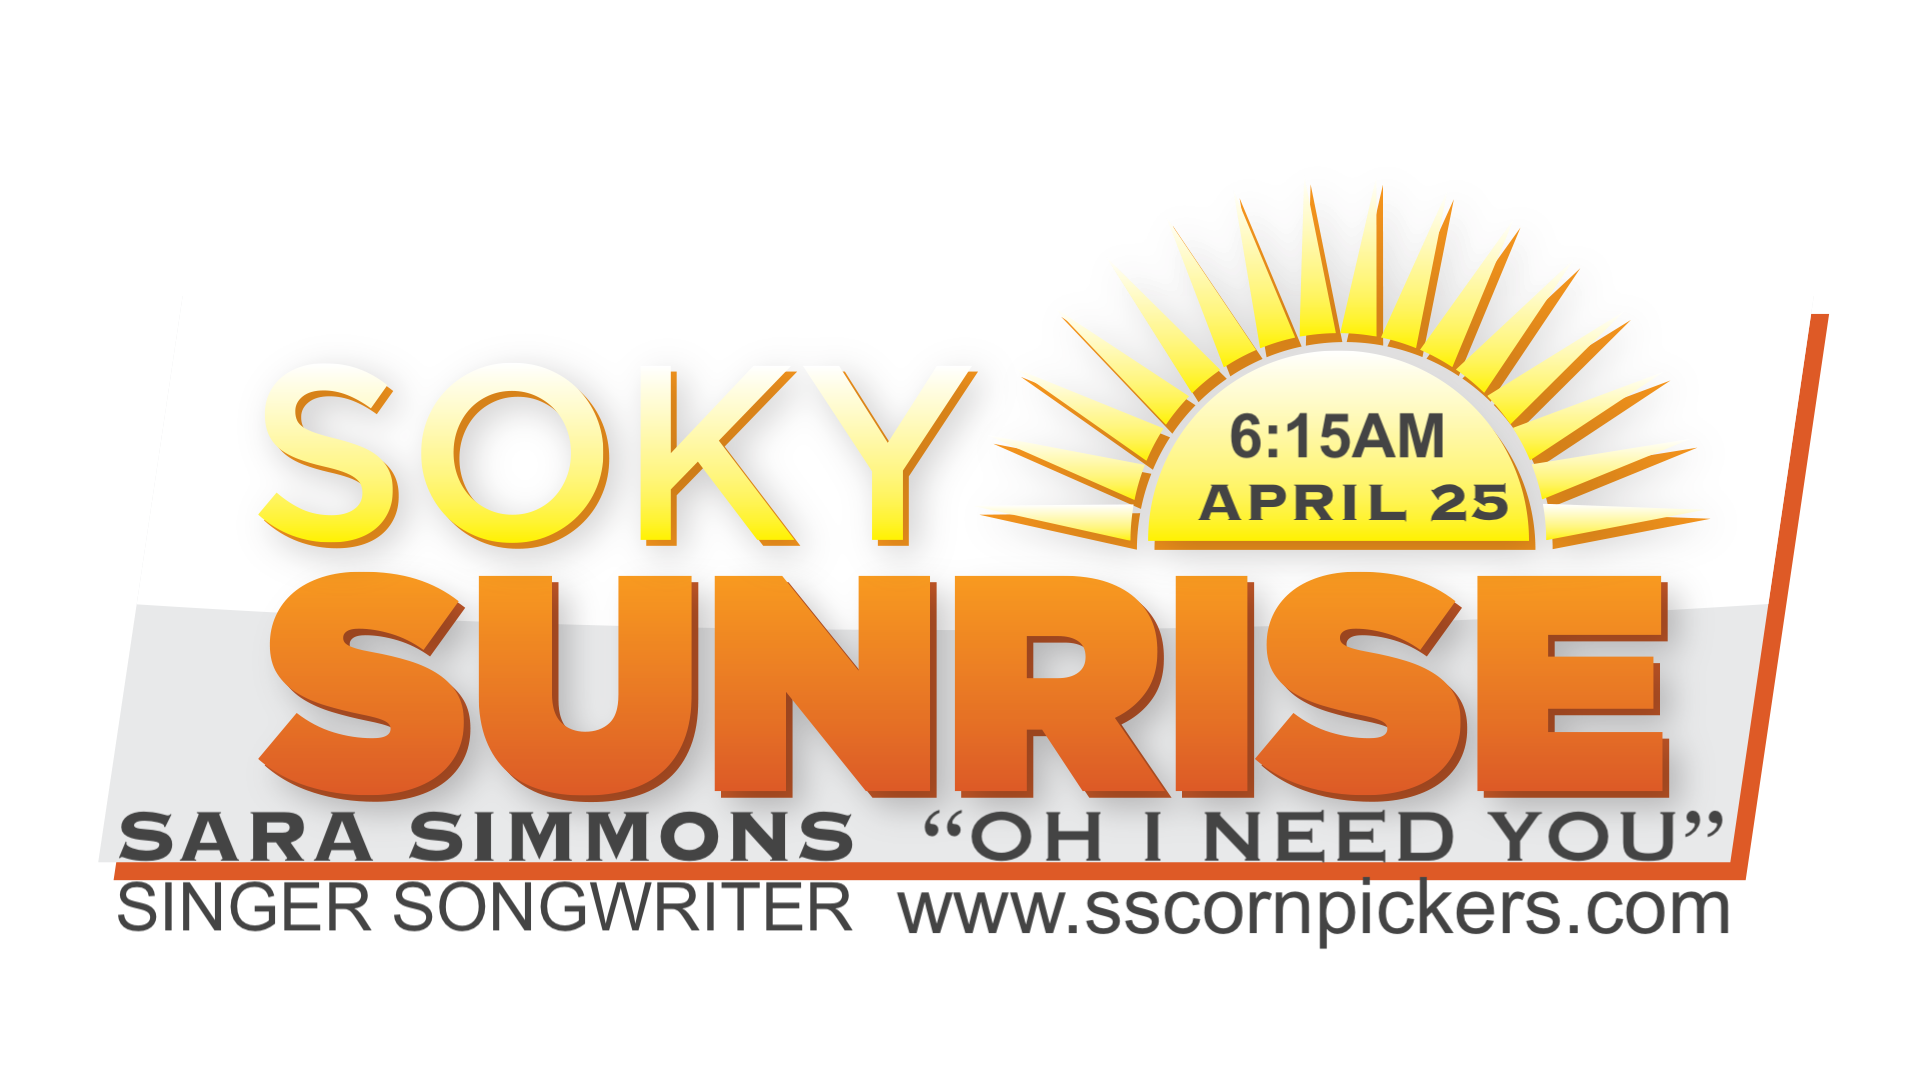 SoKY-Sunrise Sara Simmons